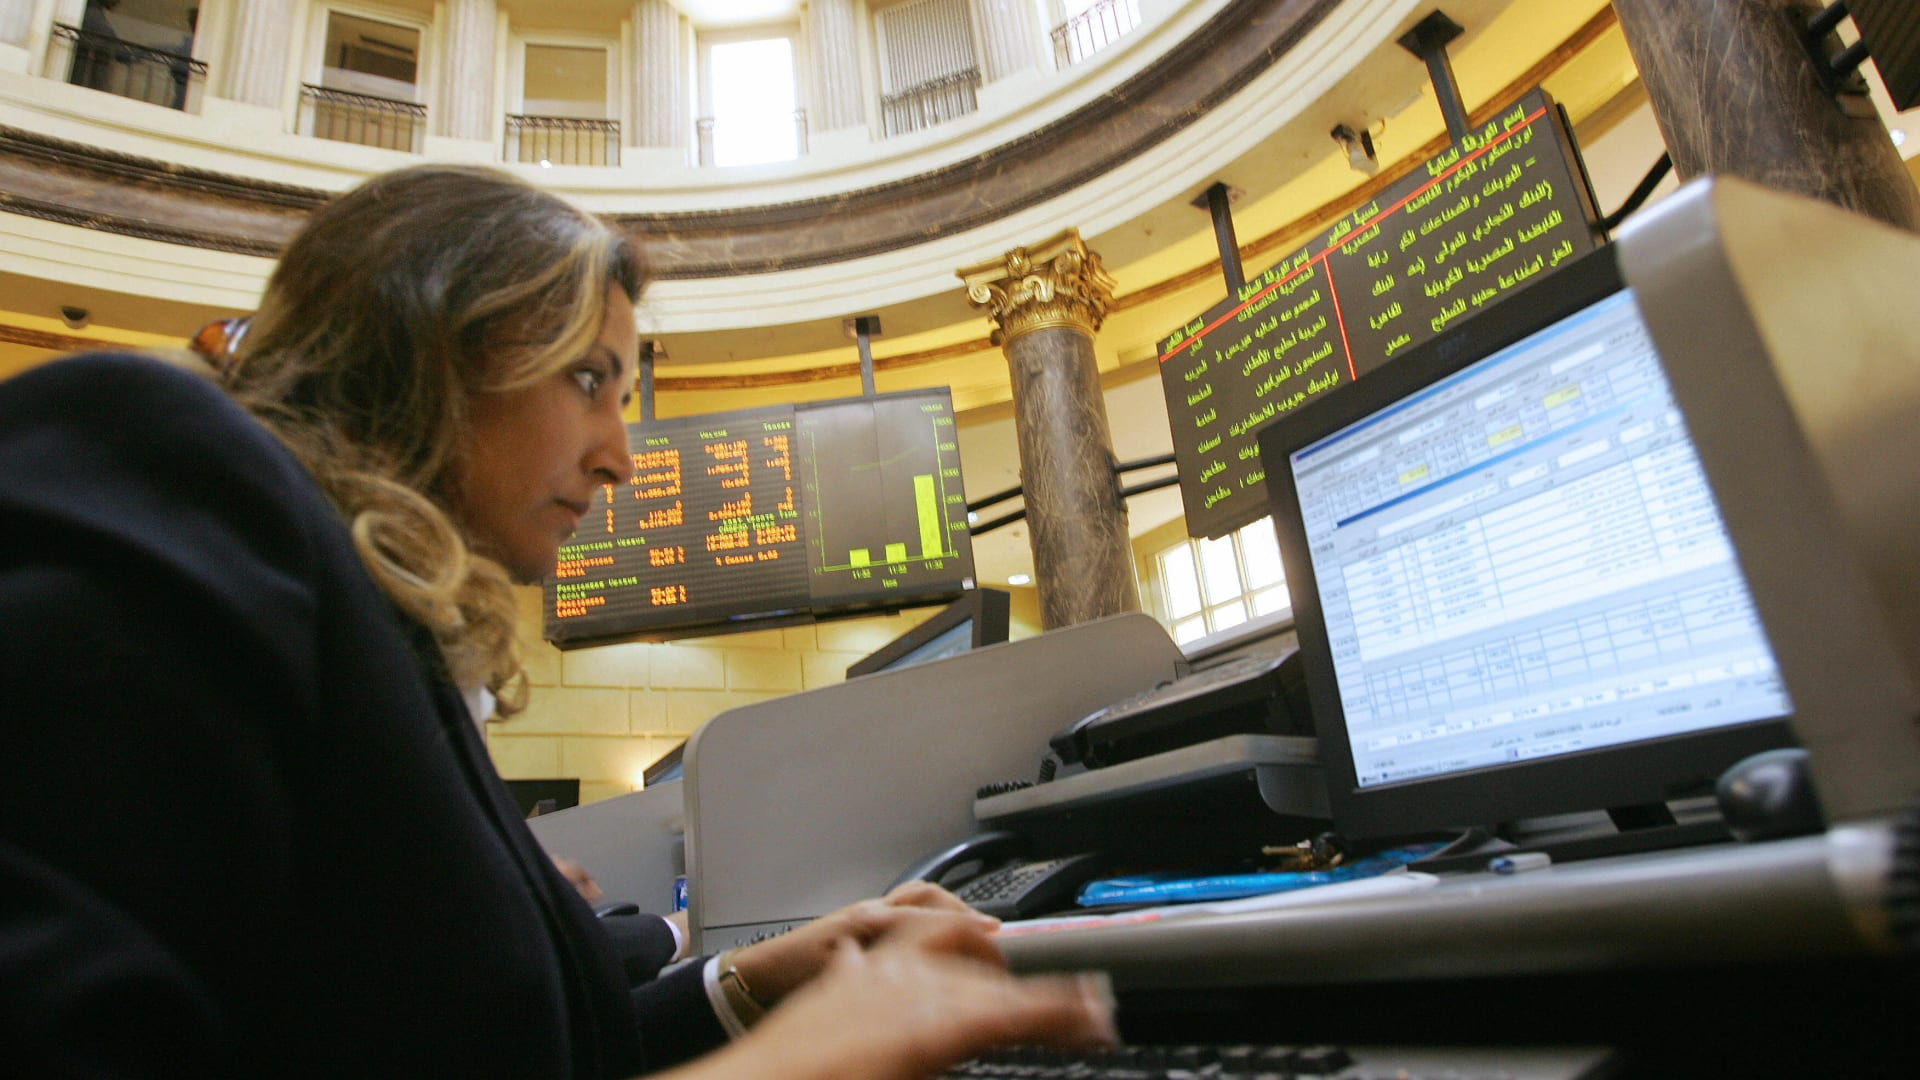 إليك حجم خسائر بورصة مصر بأول 3 تداولات الأسبوع الجاري.. ومسؤول يعلق